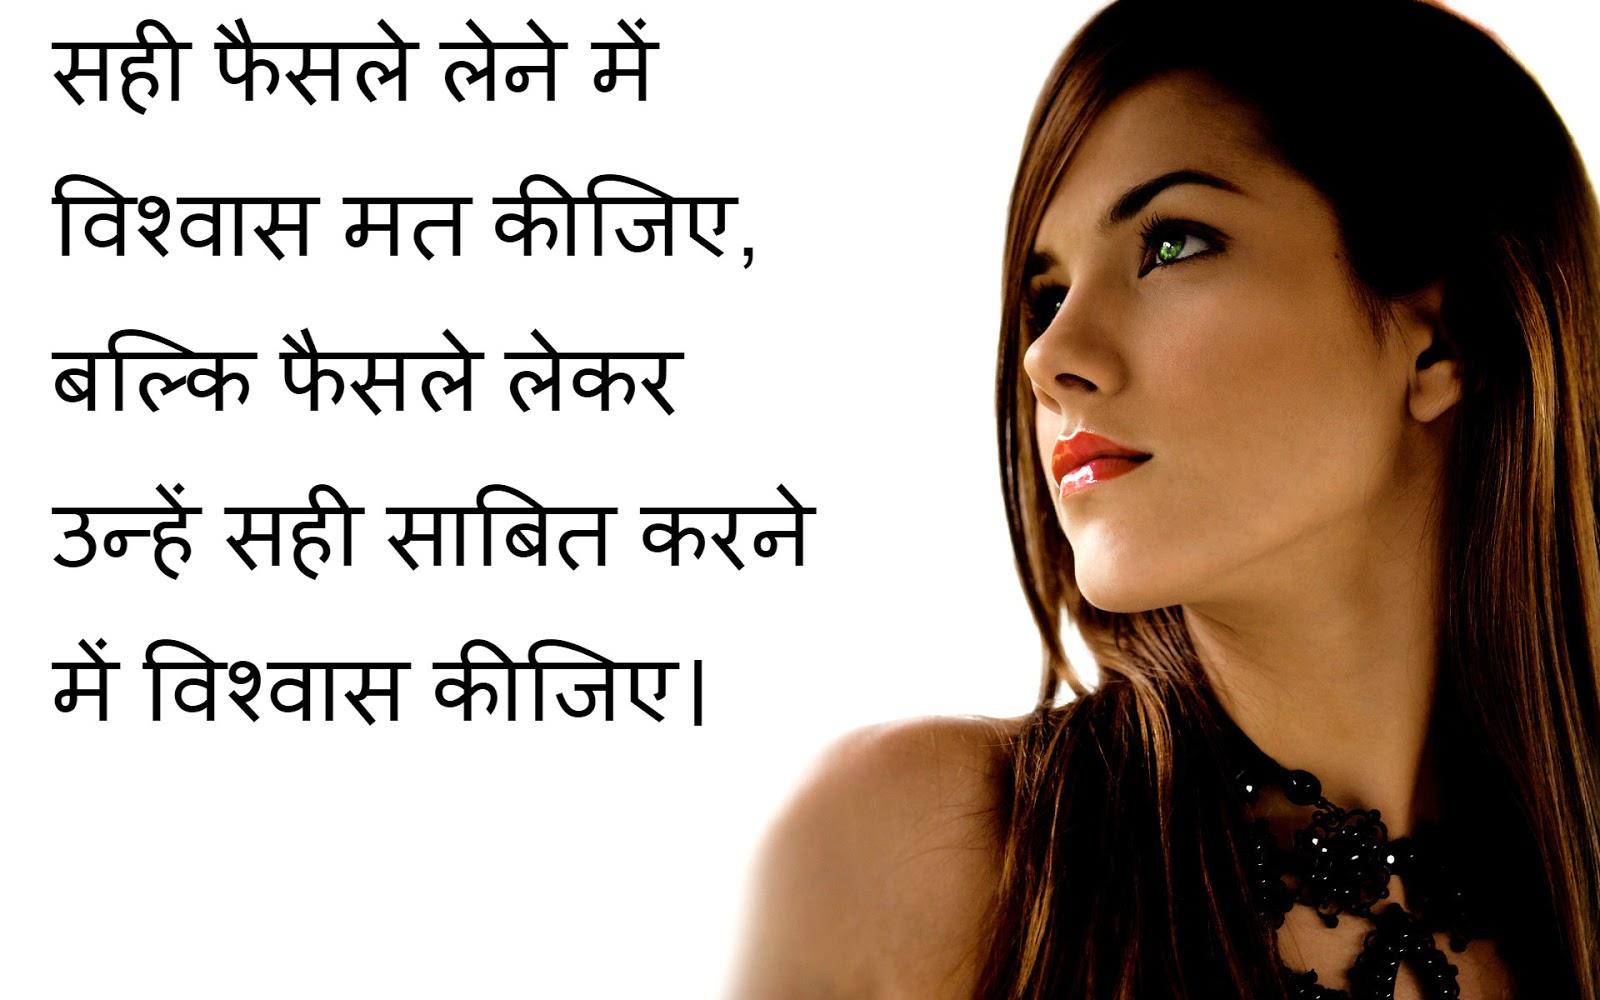 Shayari Hi Shayari Excellent Images Download Dard Ishq Love Zindagi